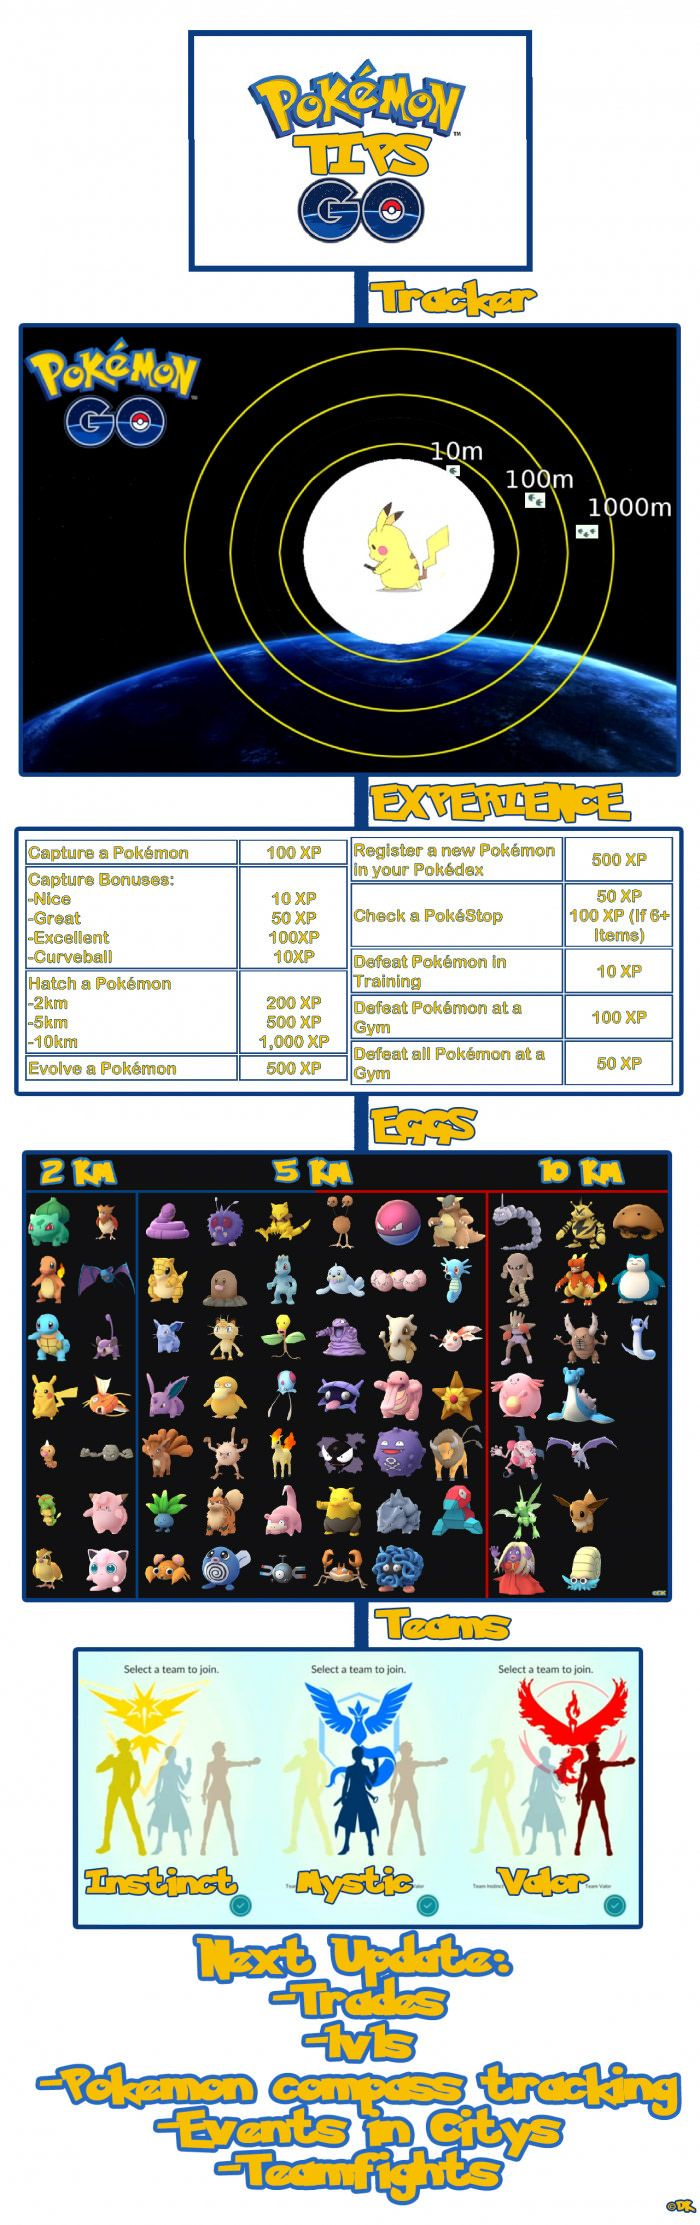 Pokemon GO Tips                                                                                                                                                     More